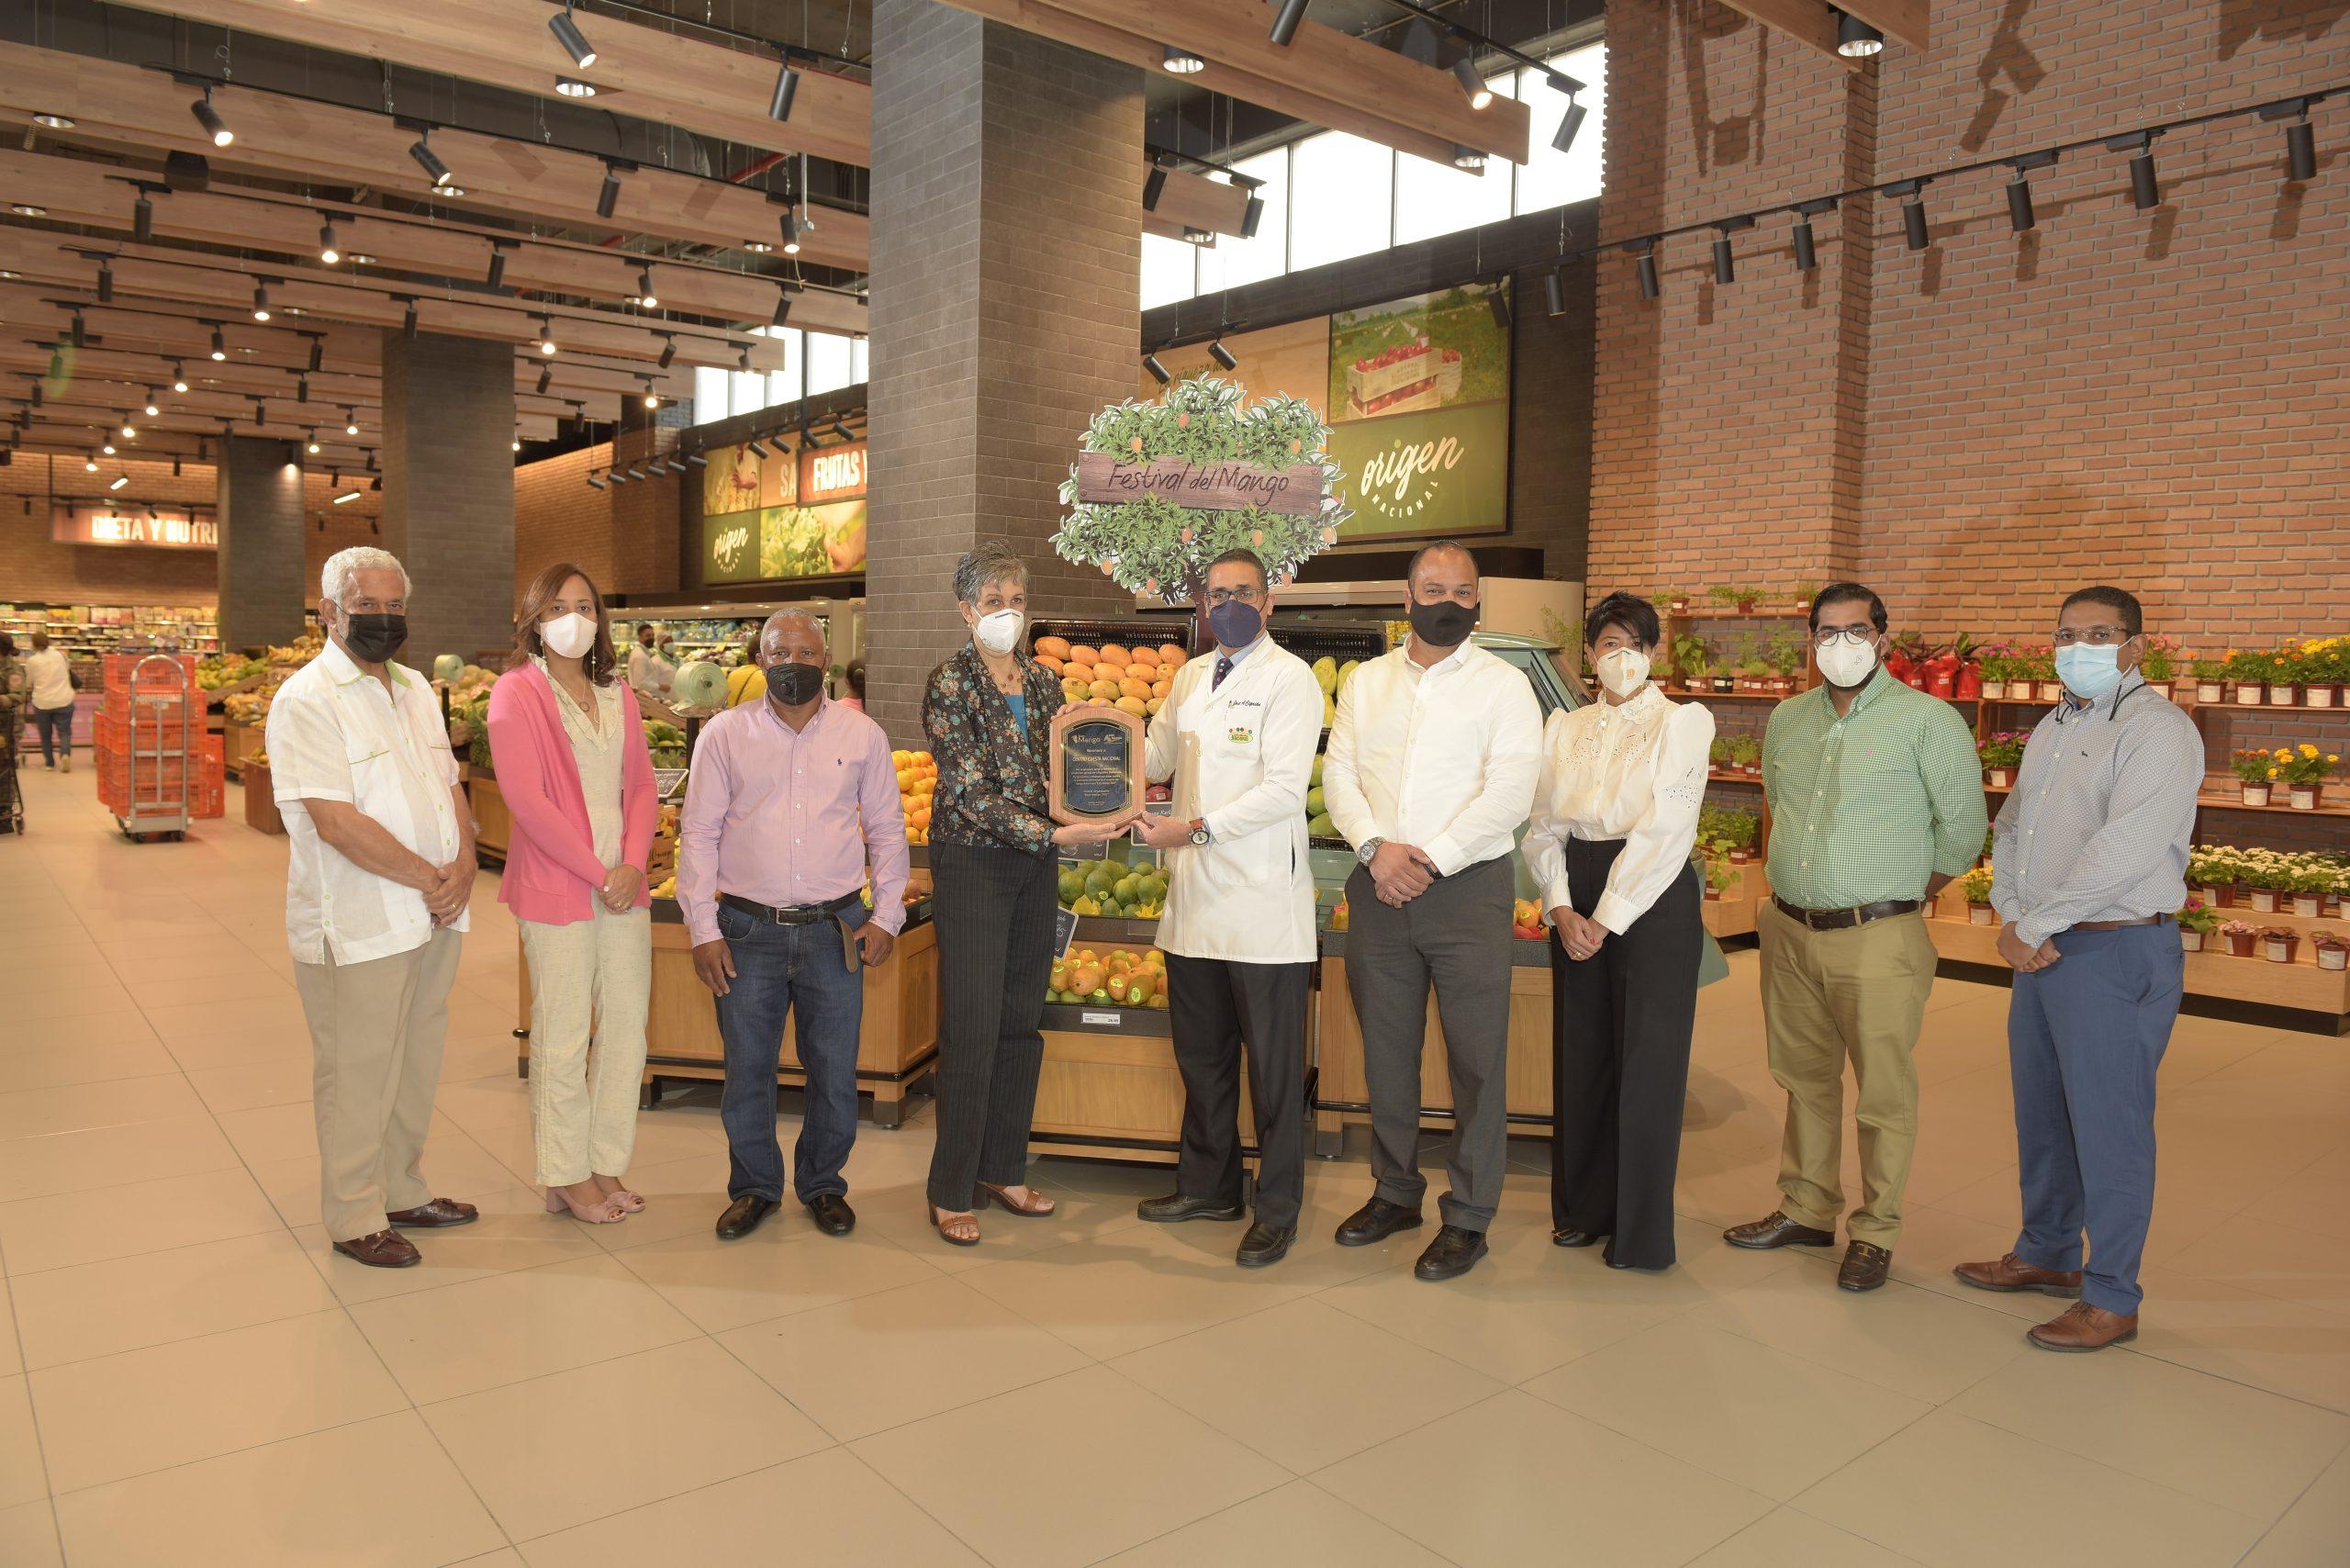 Ejecutivos de Pro Mango junto a ejecutivos de Centro Cuesta Nacional.